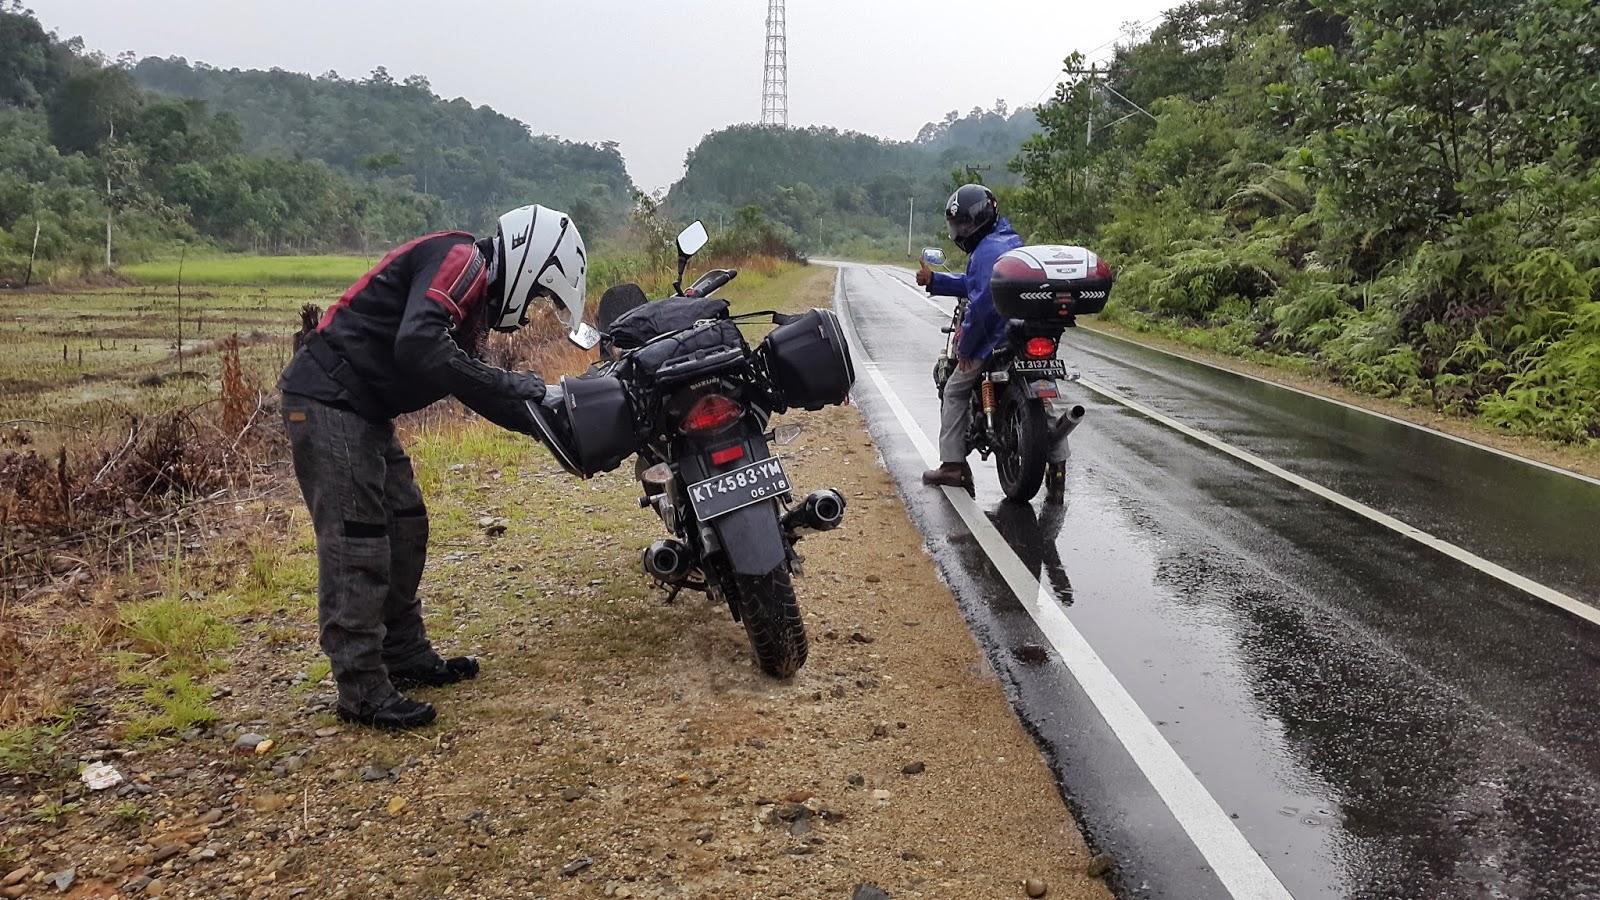 Balikpapan Biker 2014 Spion Jepit Import Merk Bumm Daun Kecil Kanan Berhenti Untuk Mengenakan Jas Hujan